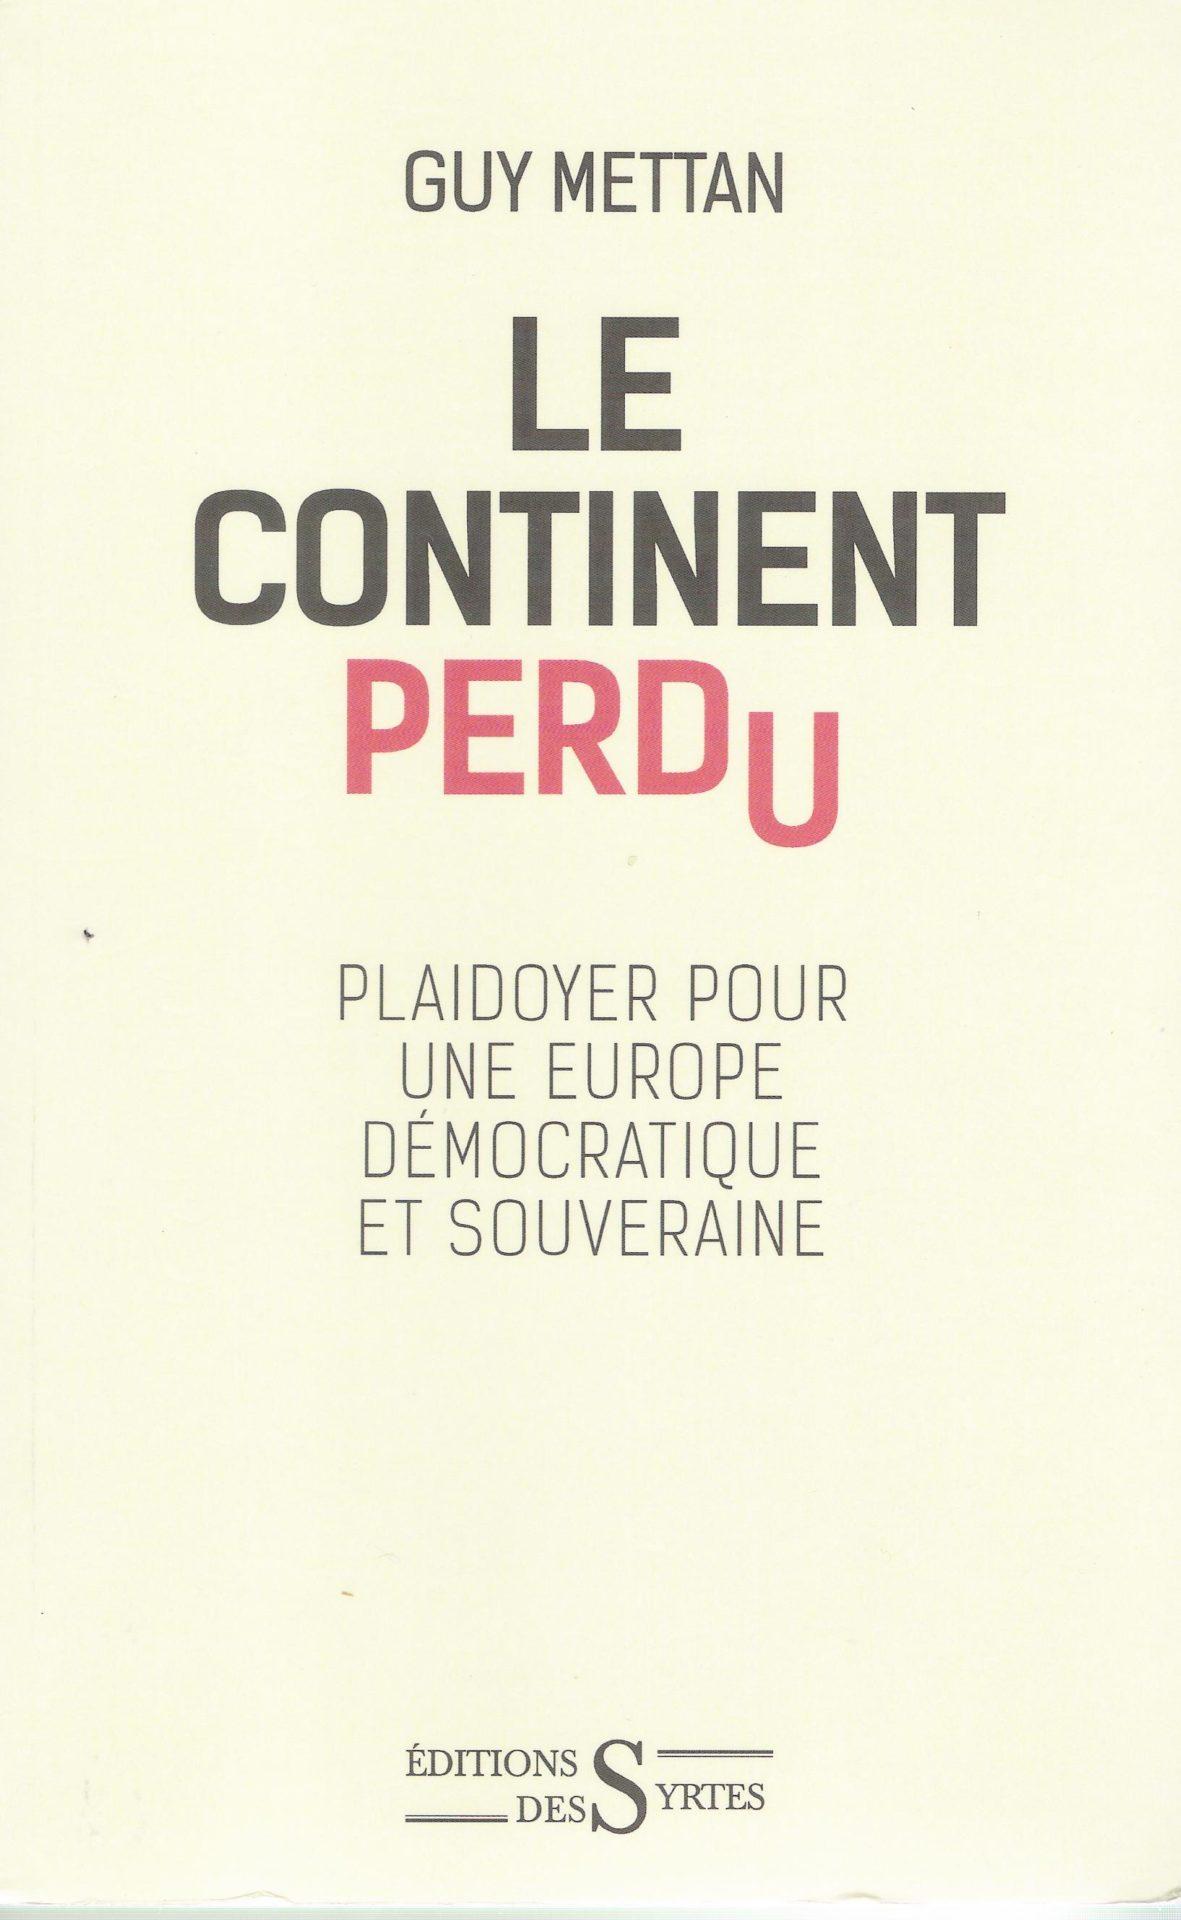 Le continent perdu. Plaidoyer pour une Europe démocratique et souveraine, Guy Mettan (les Éditions des Syrtes).